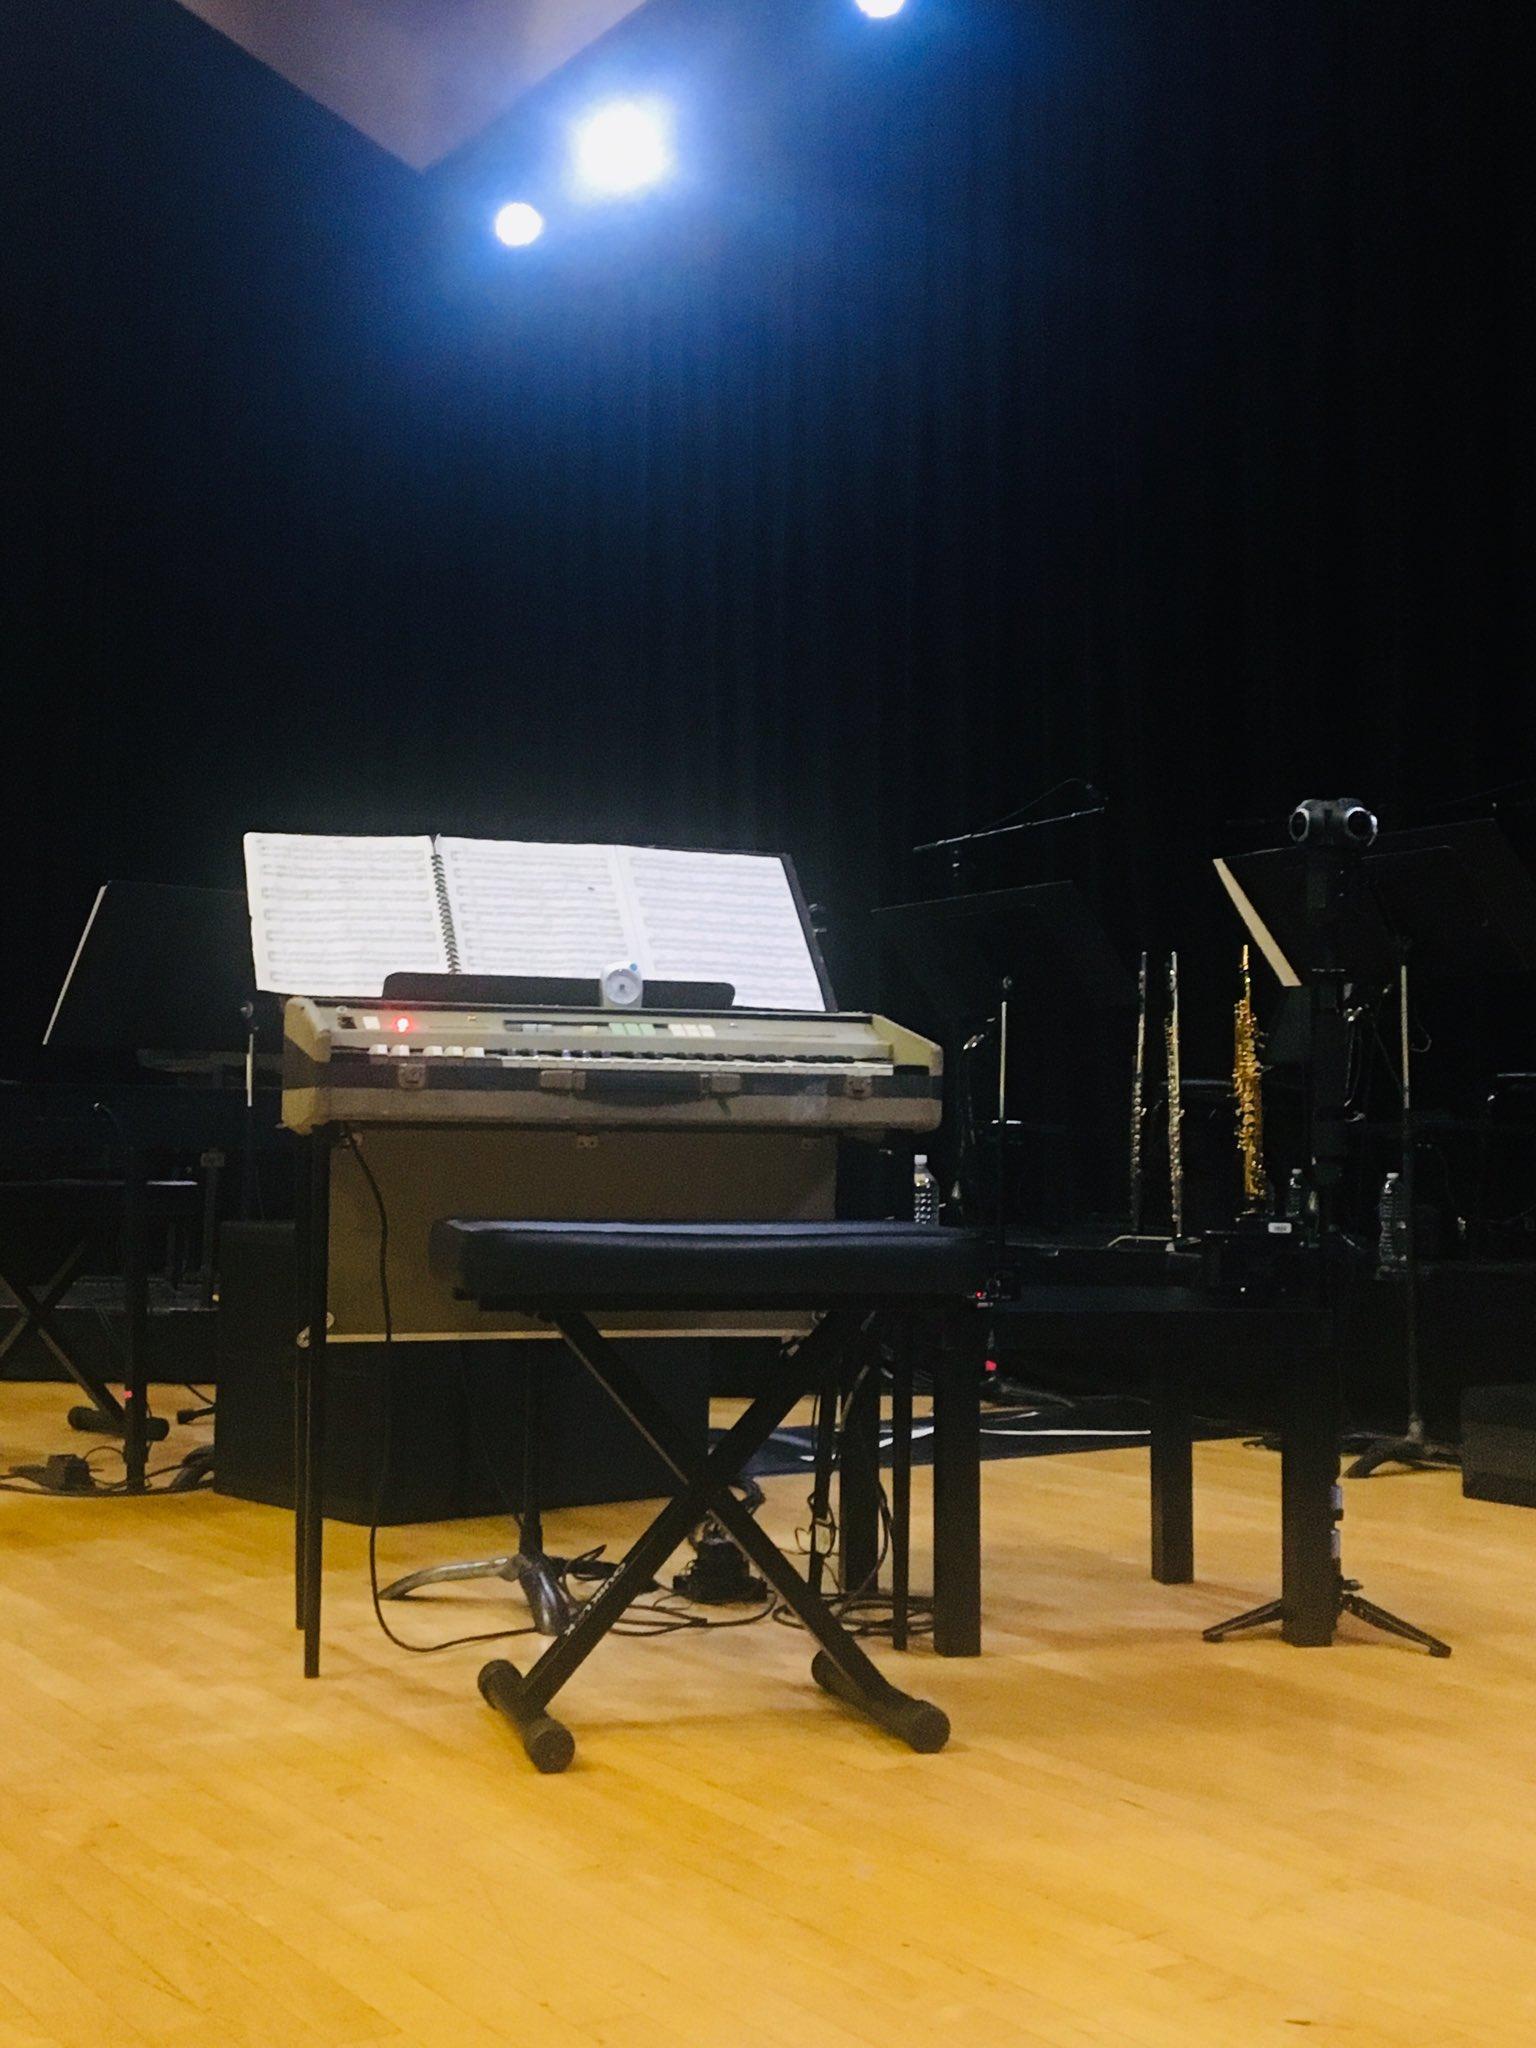 Original 50 year old Farfisa organ https://t.co/ZRbpfLjMbF